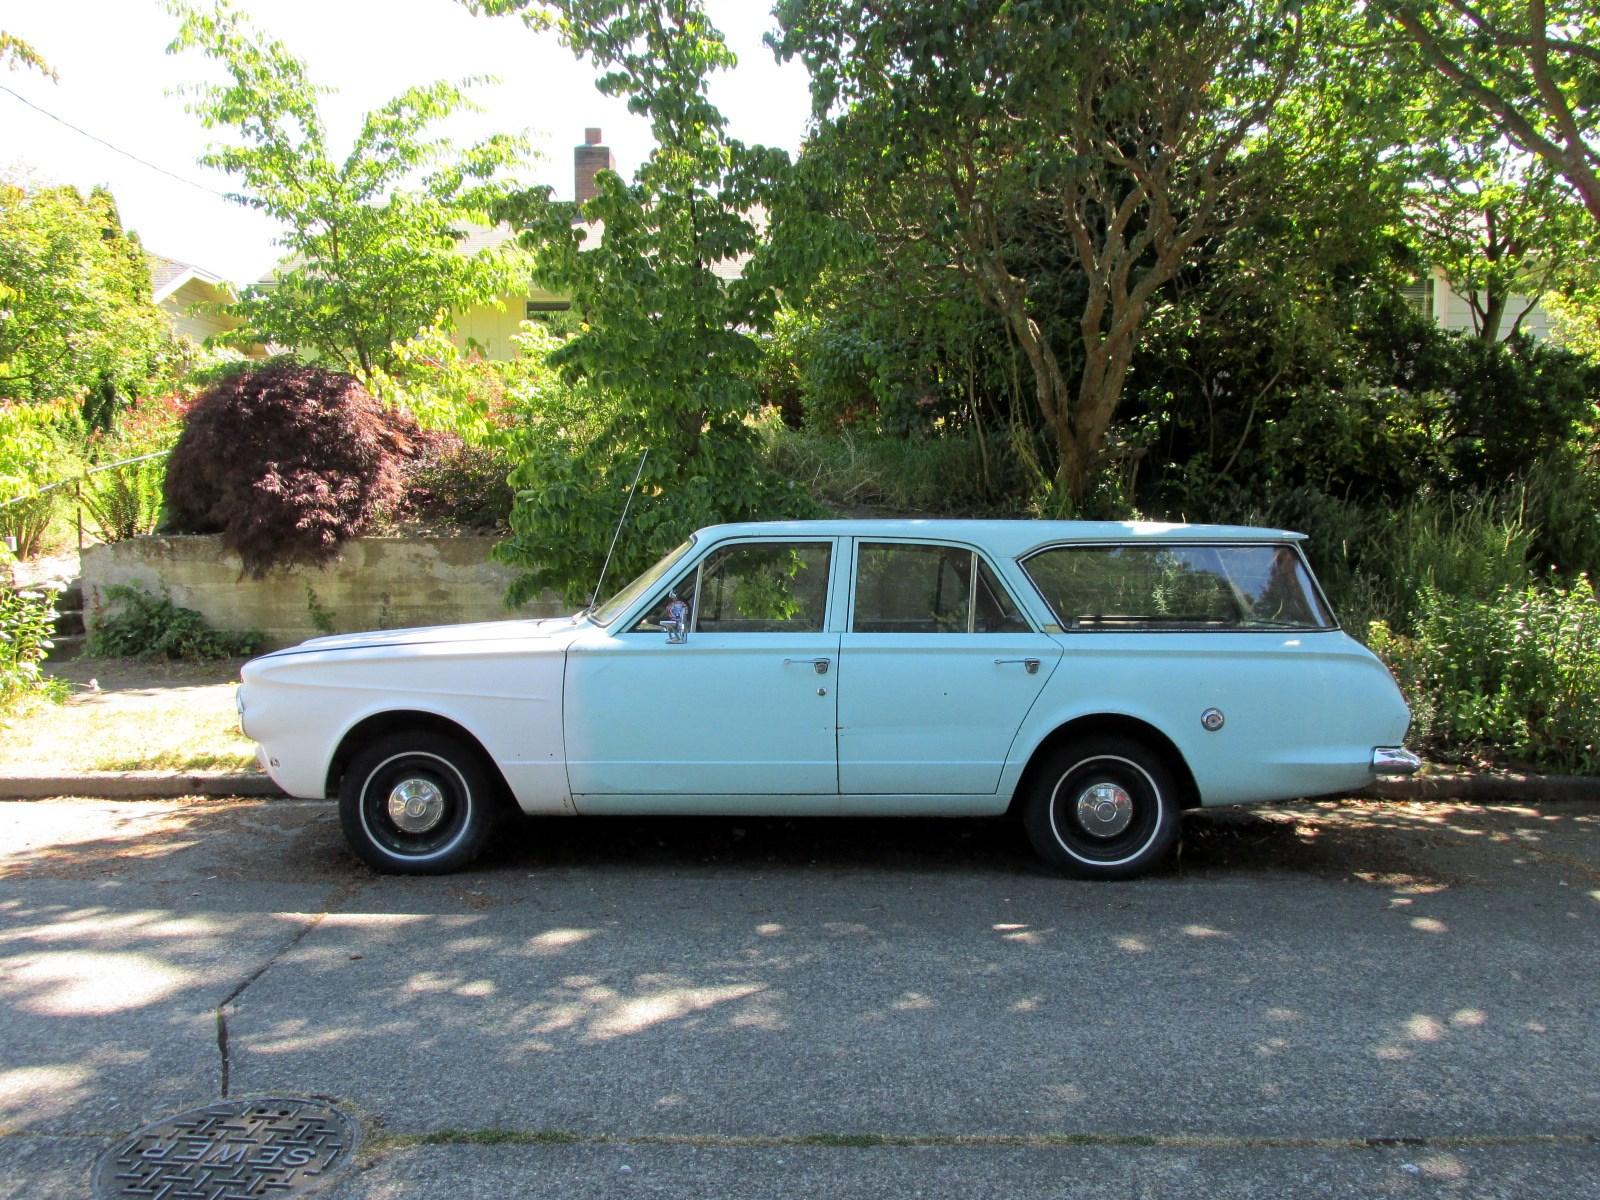 1960 Valiant Station Wagon For Sale.html | Autos Weblog